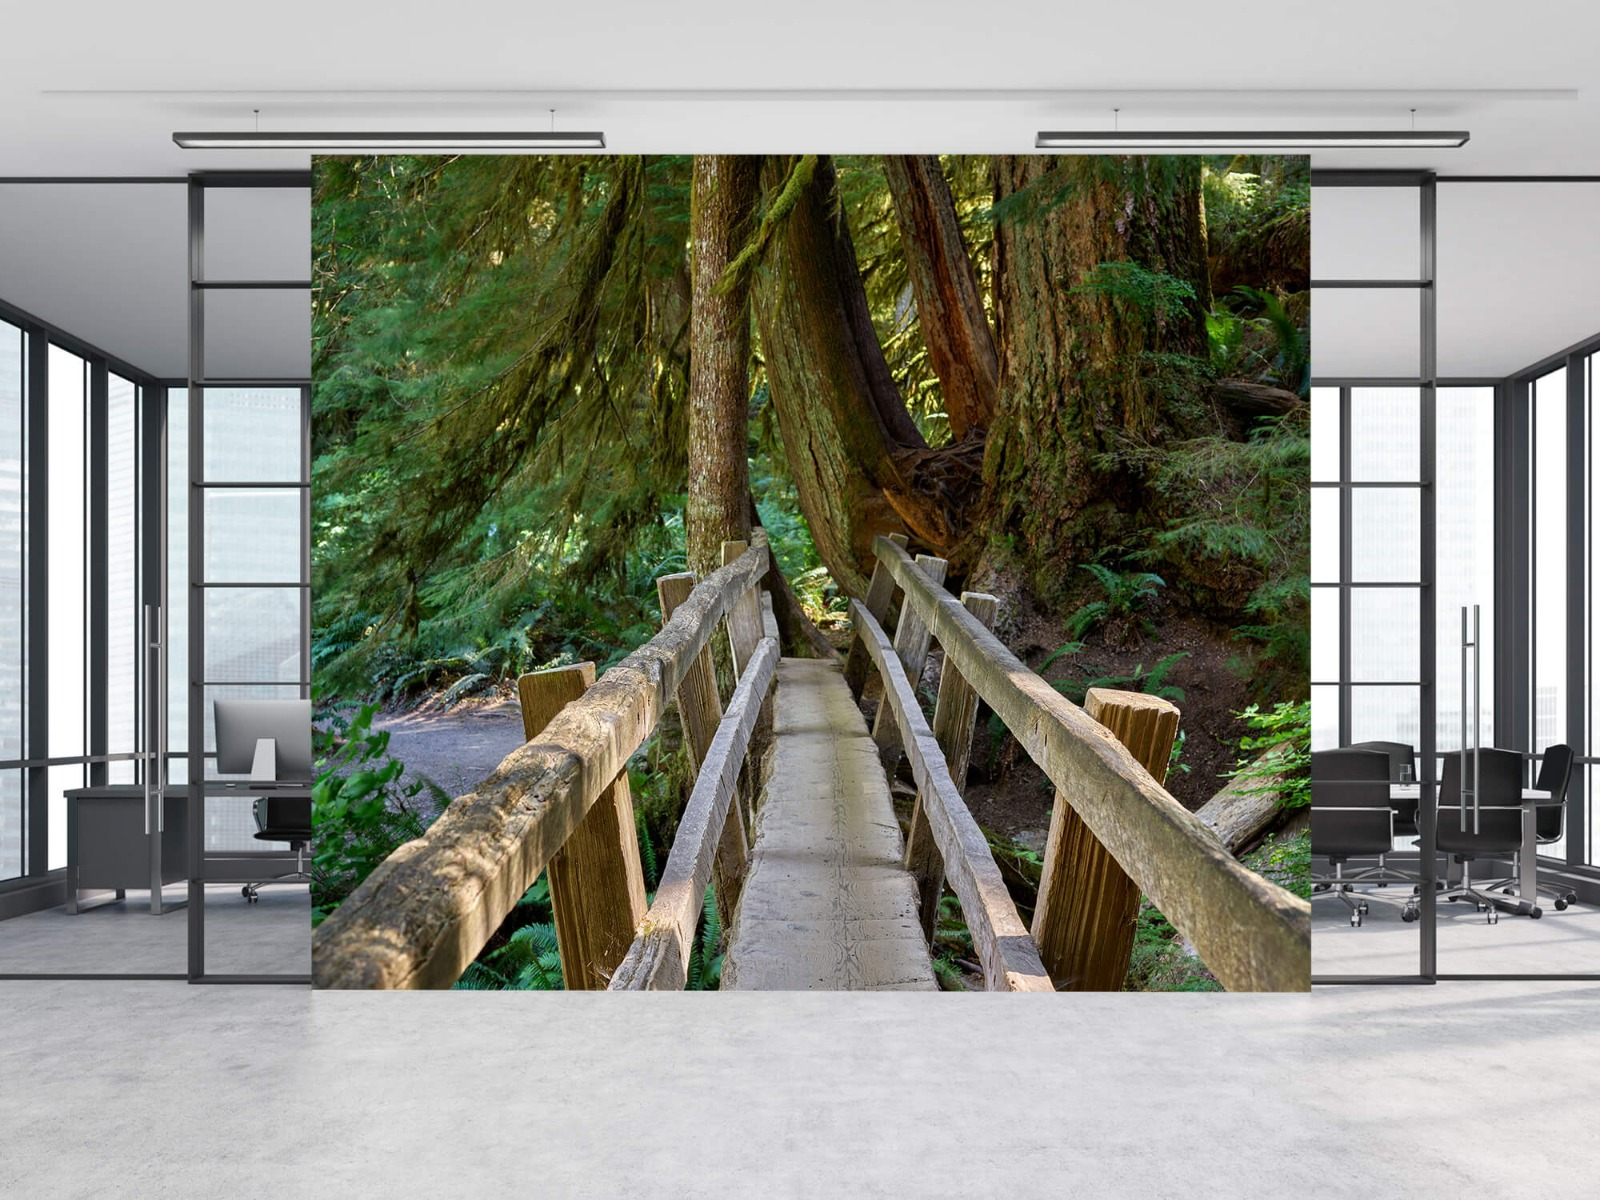 Landschap - Houten brug door het bos - Wallexclusive - Woonkamer 9